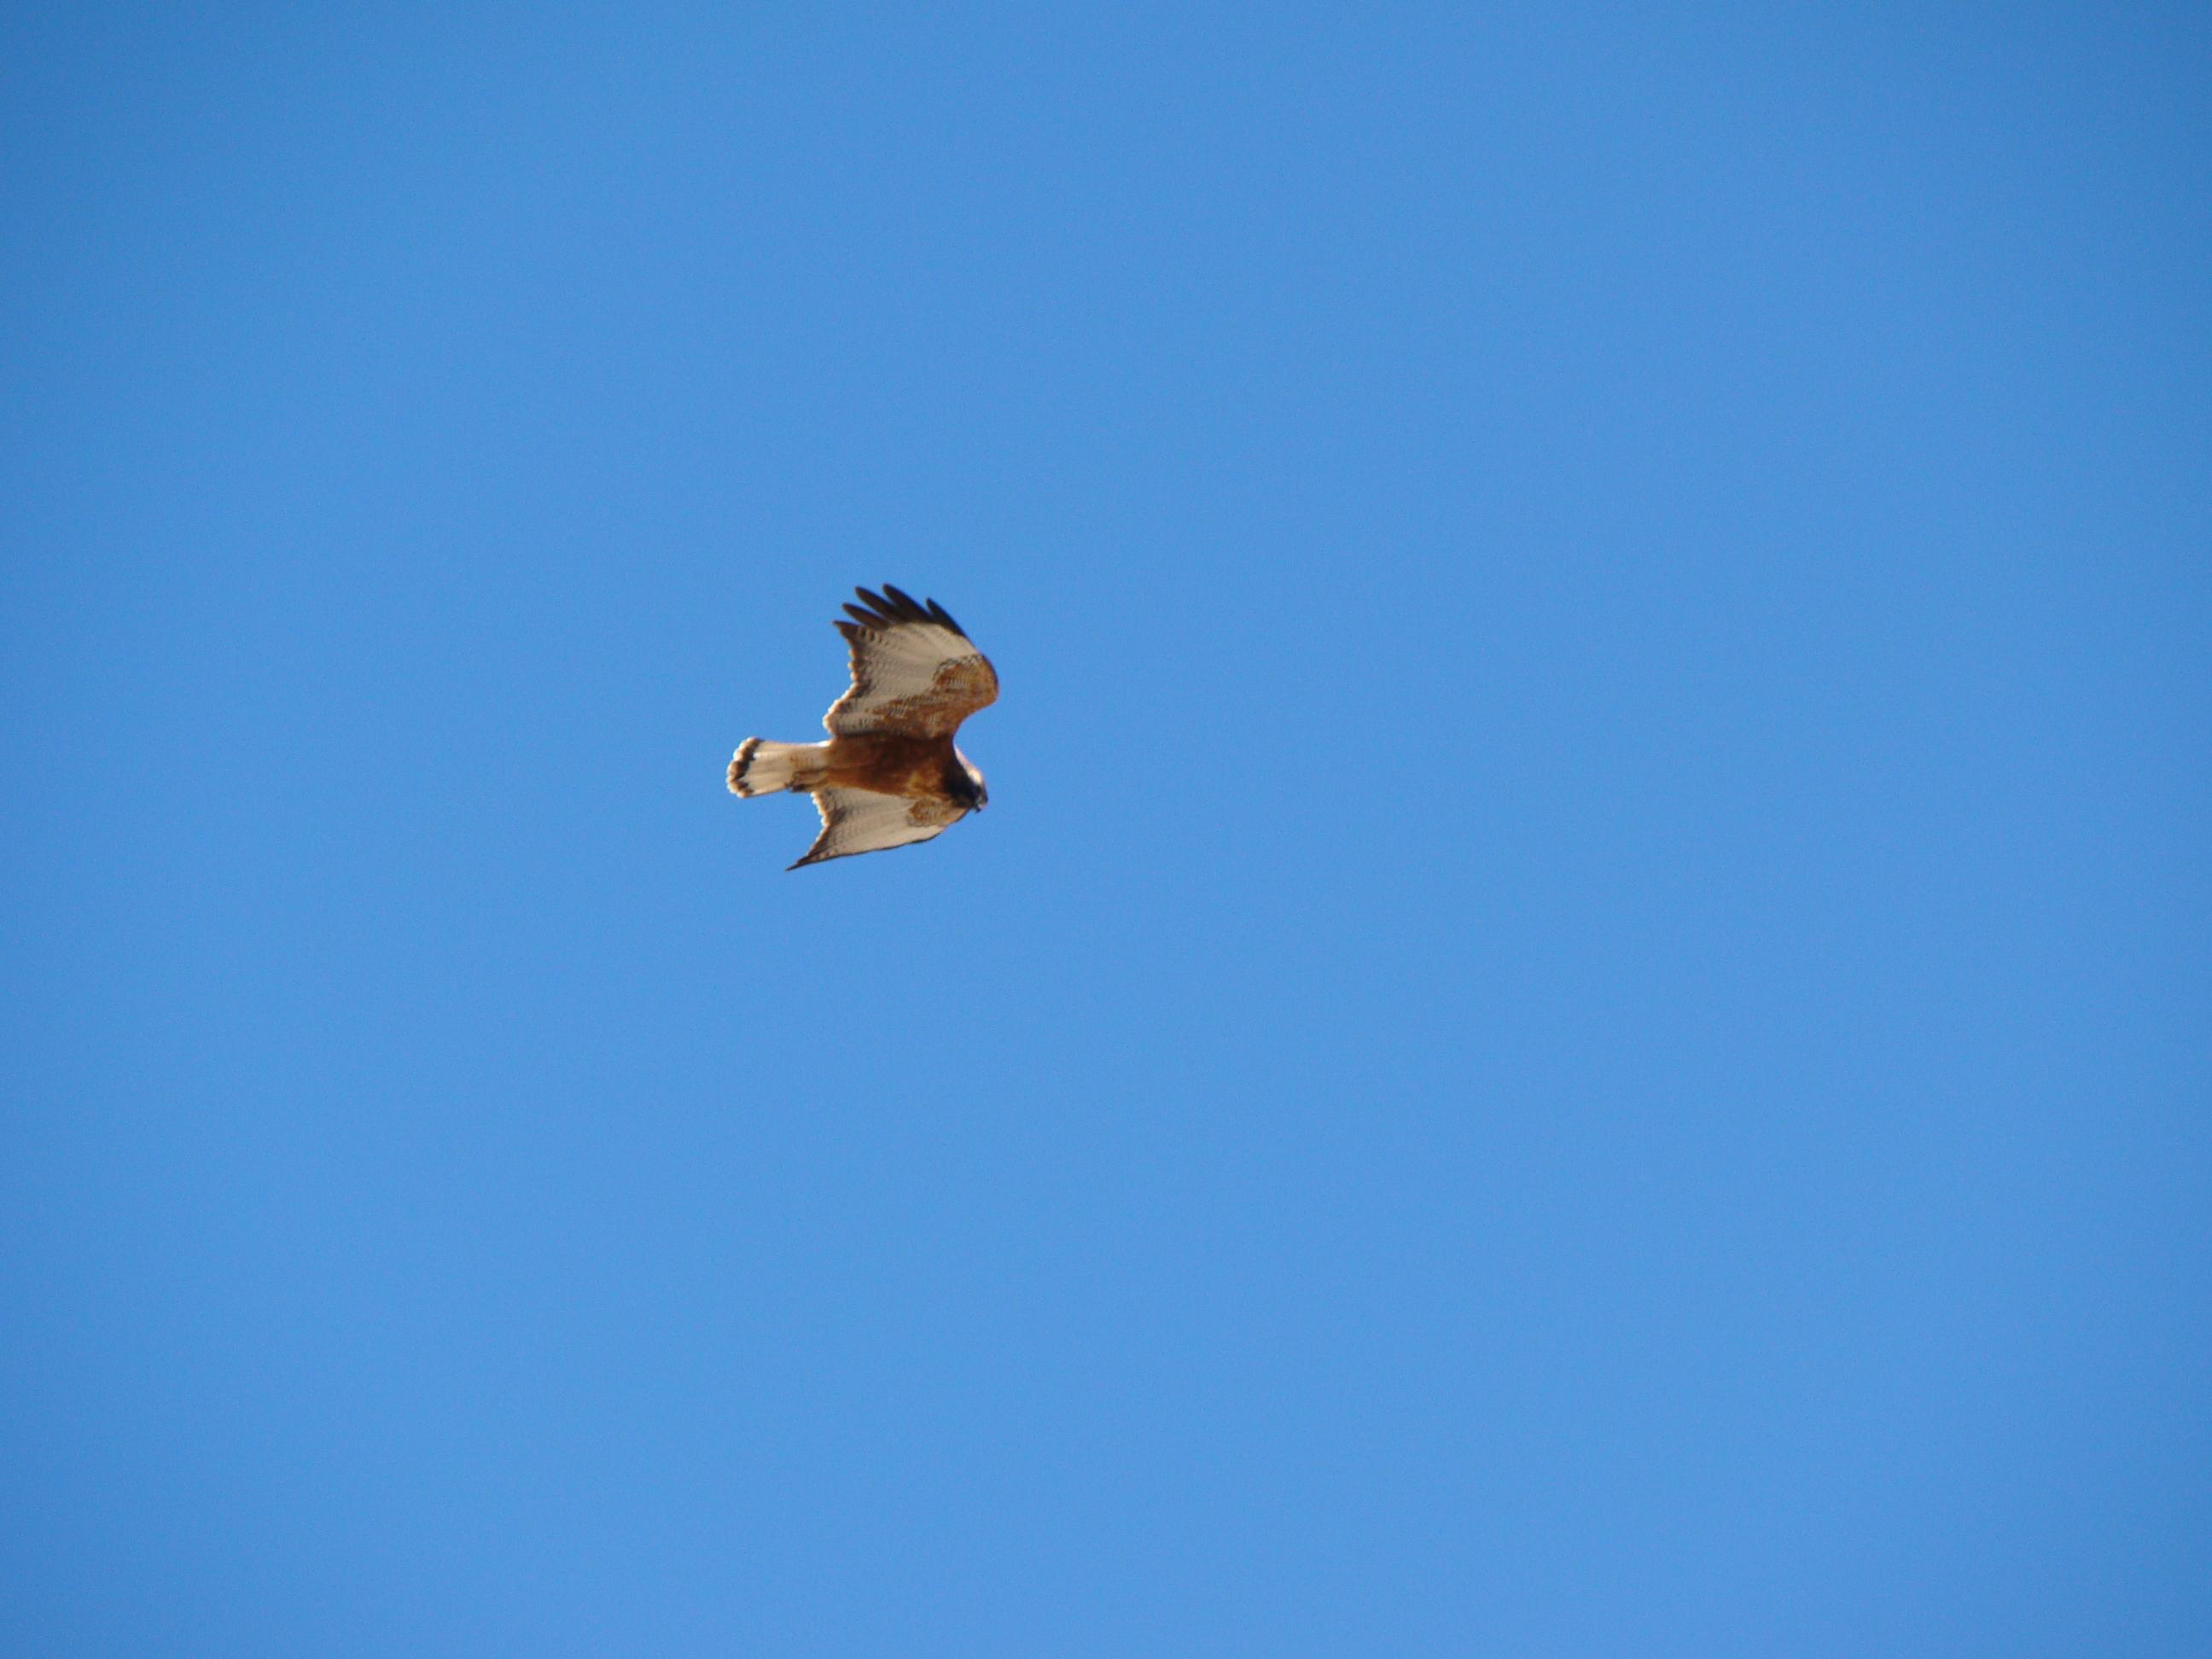 Scientific Name: Red-backed Hawk - Photo: Rodrigo de Piérola